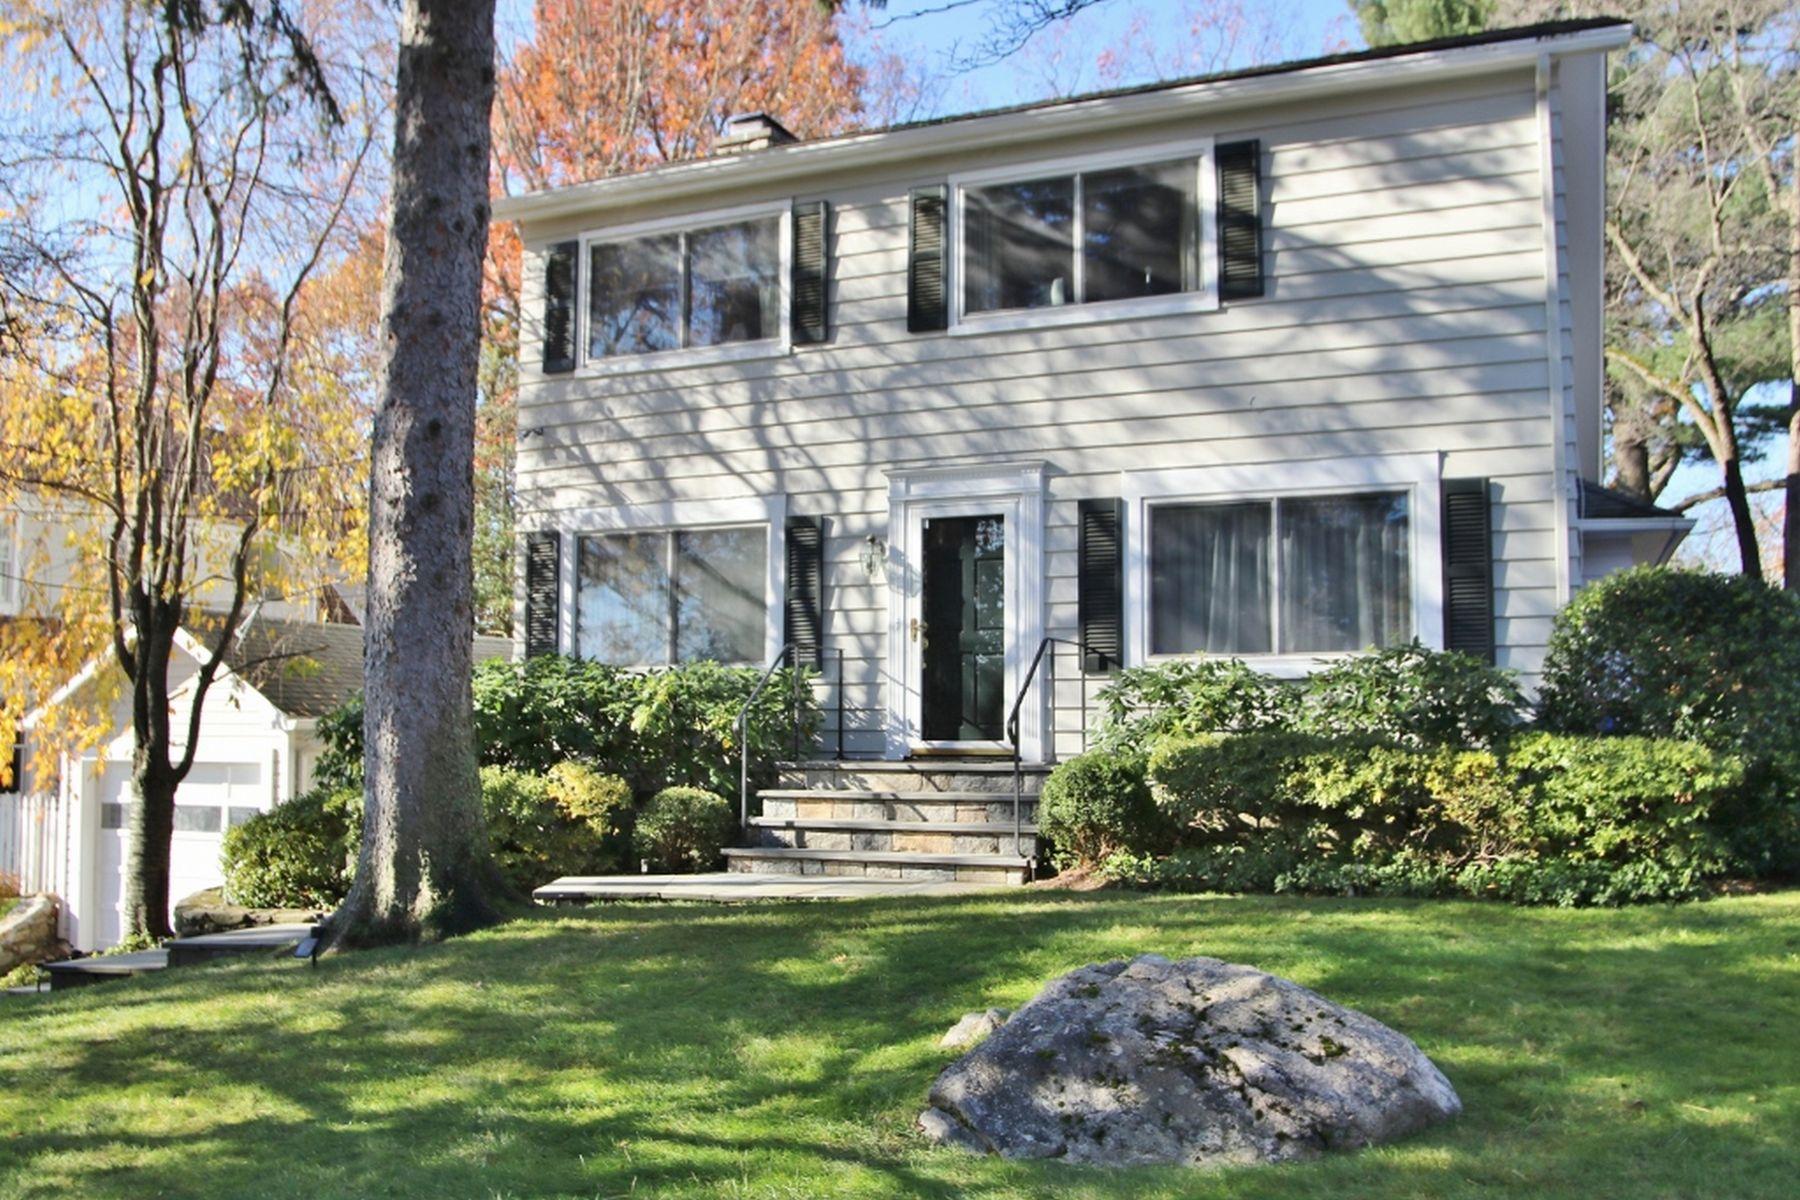 Другая жилая недвижимость для того Продажа на 10 Ridge Road 10 Ridge Road Cos Cob, Коннектикут 06807 Соединенные Штаты